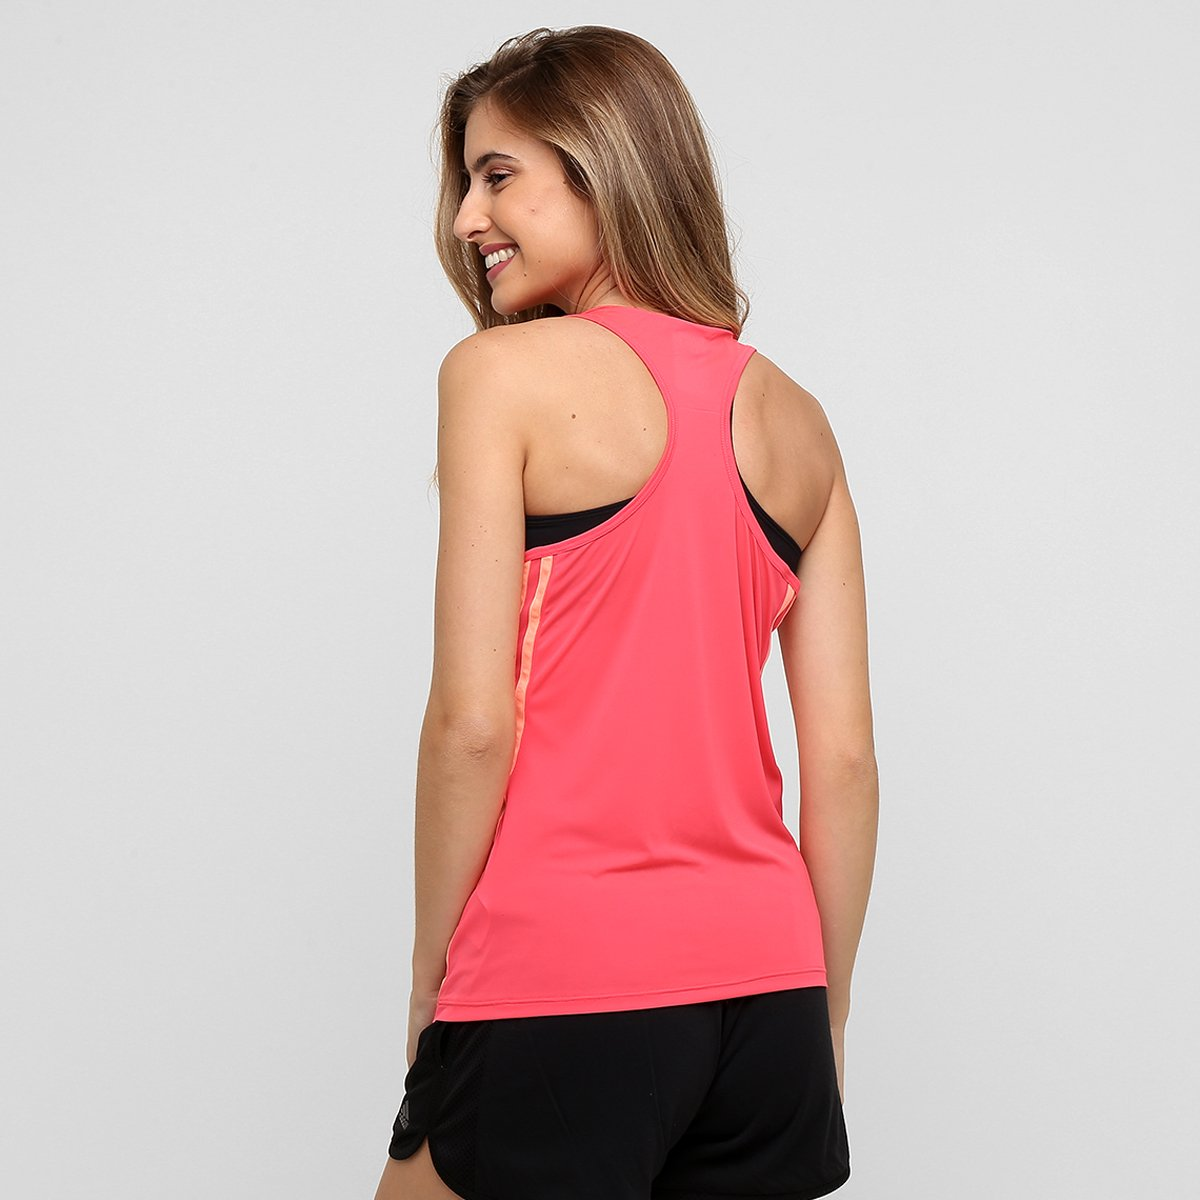 Camiseta Regata Adidas Ess Clima 3S LW Feminina - Rosa - Compre ... a12812616937b